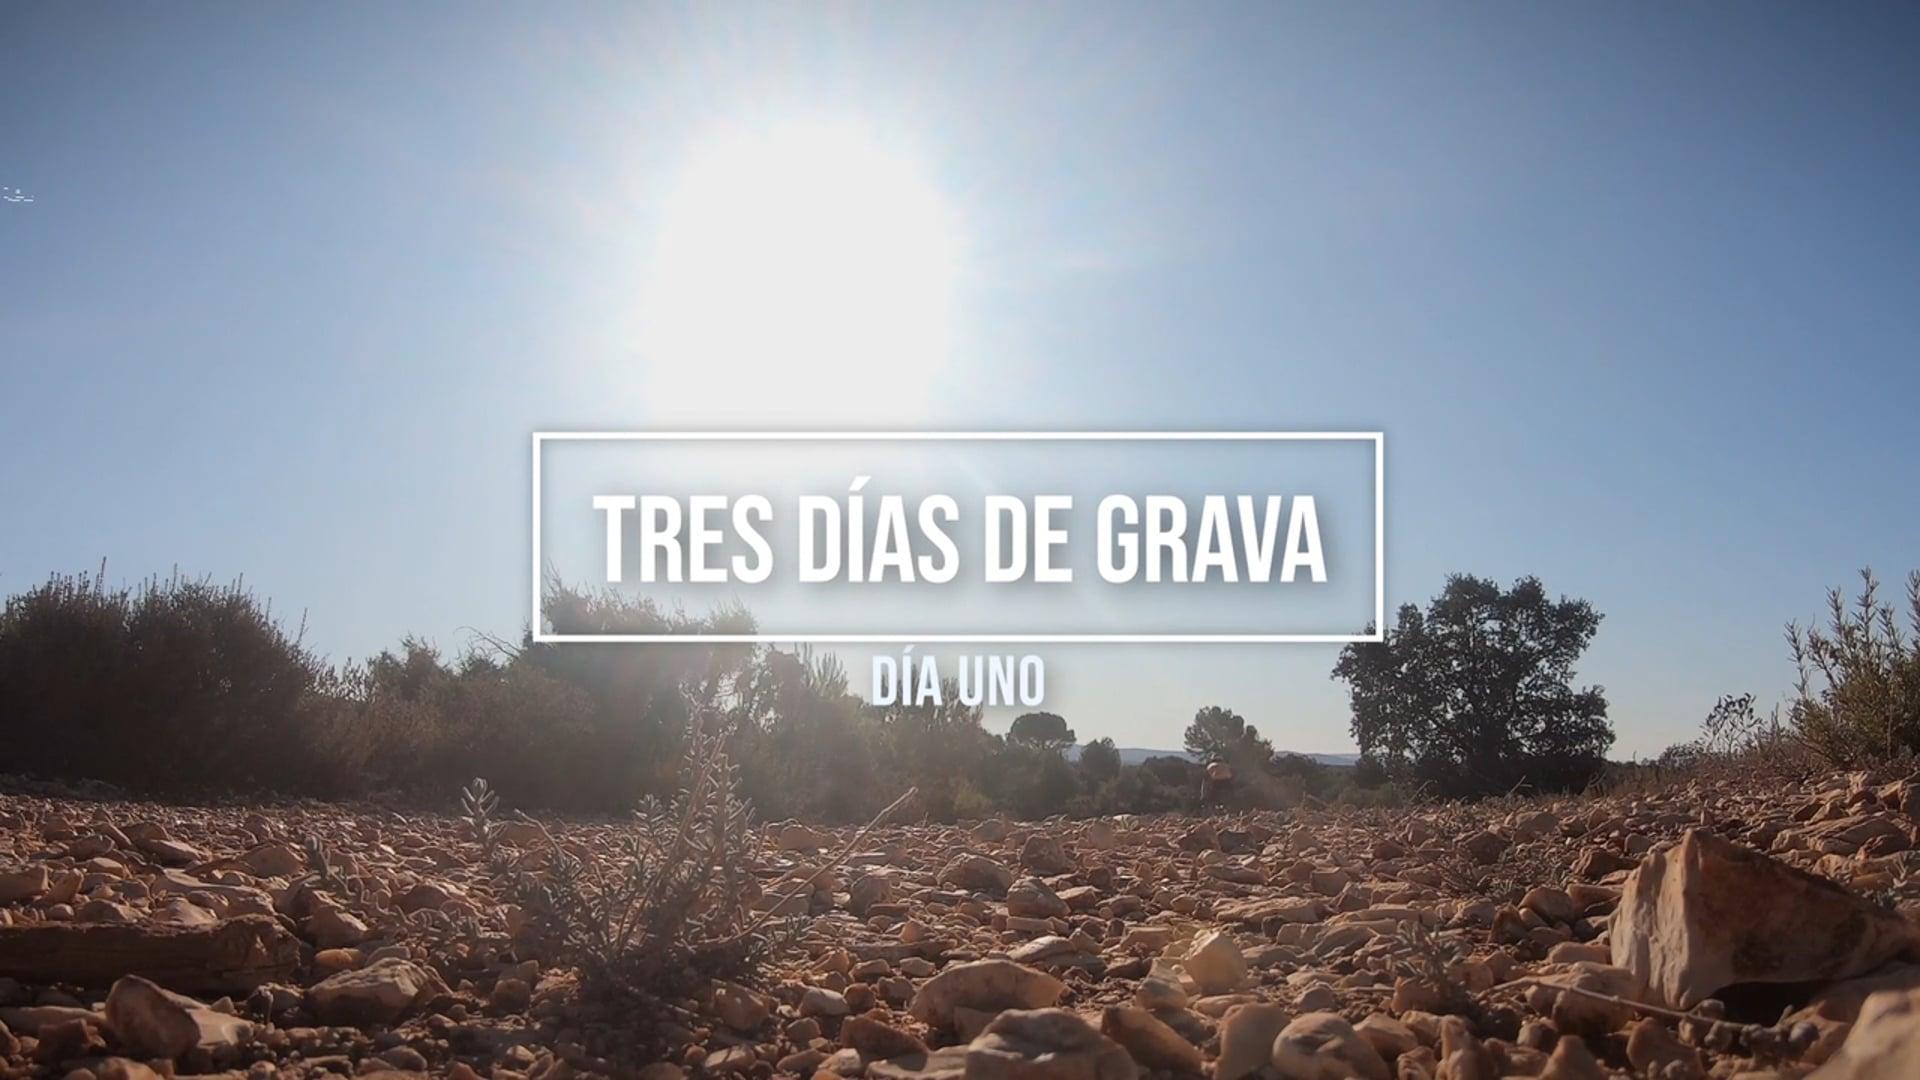 Tres días de grava - Día uno (Three days of gravel - Day one)